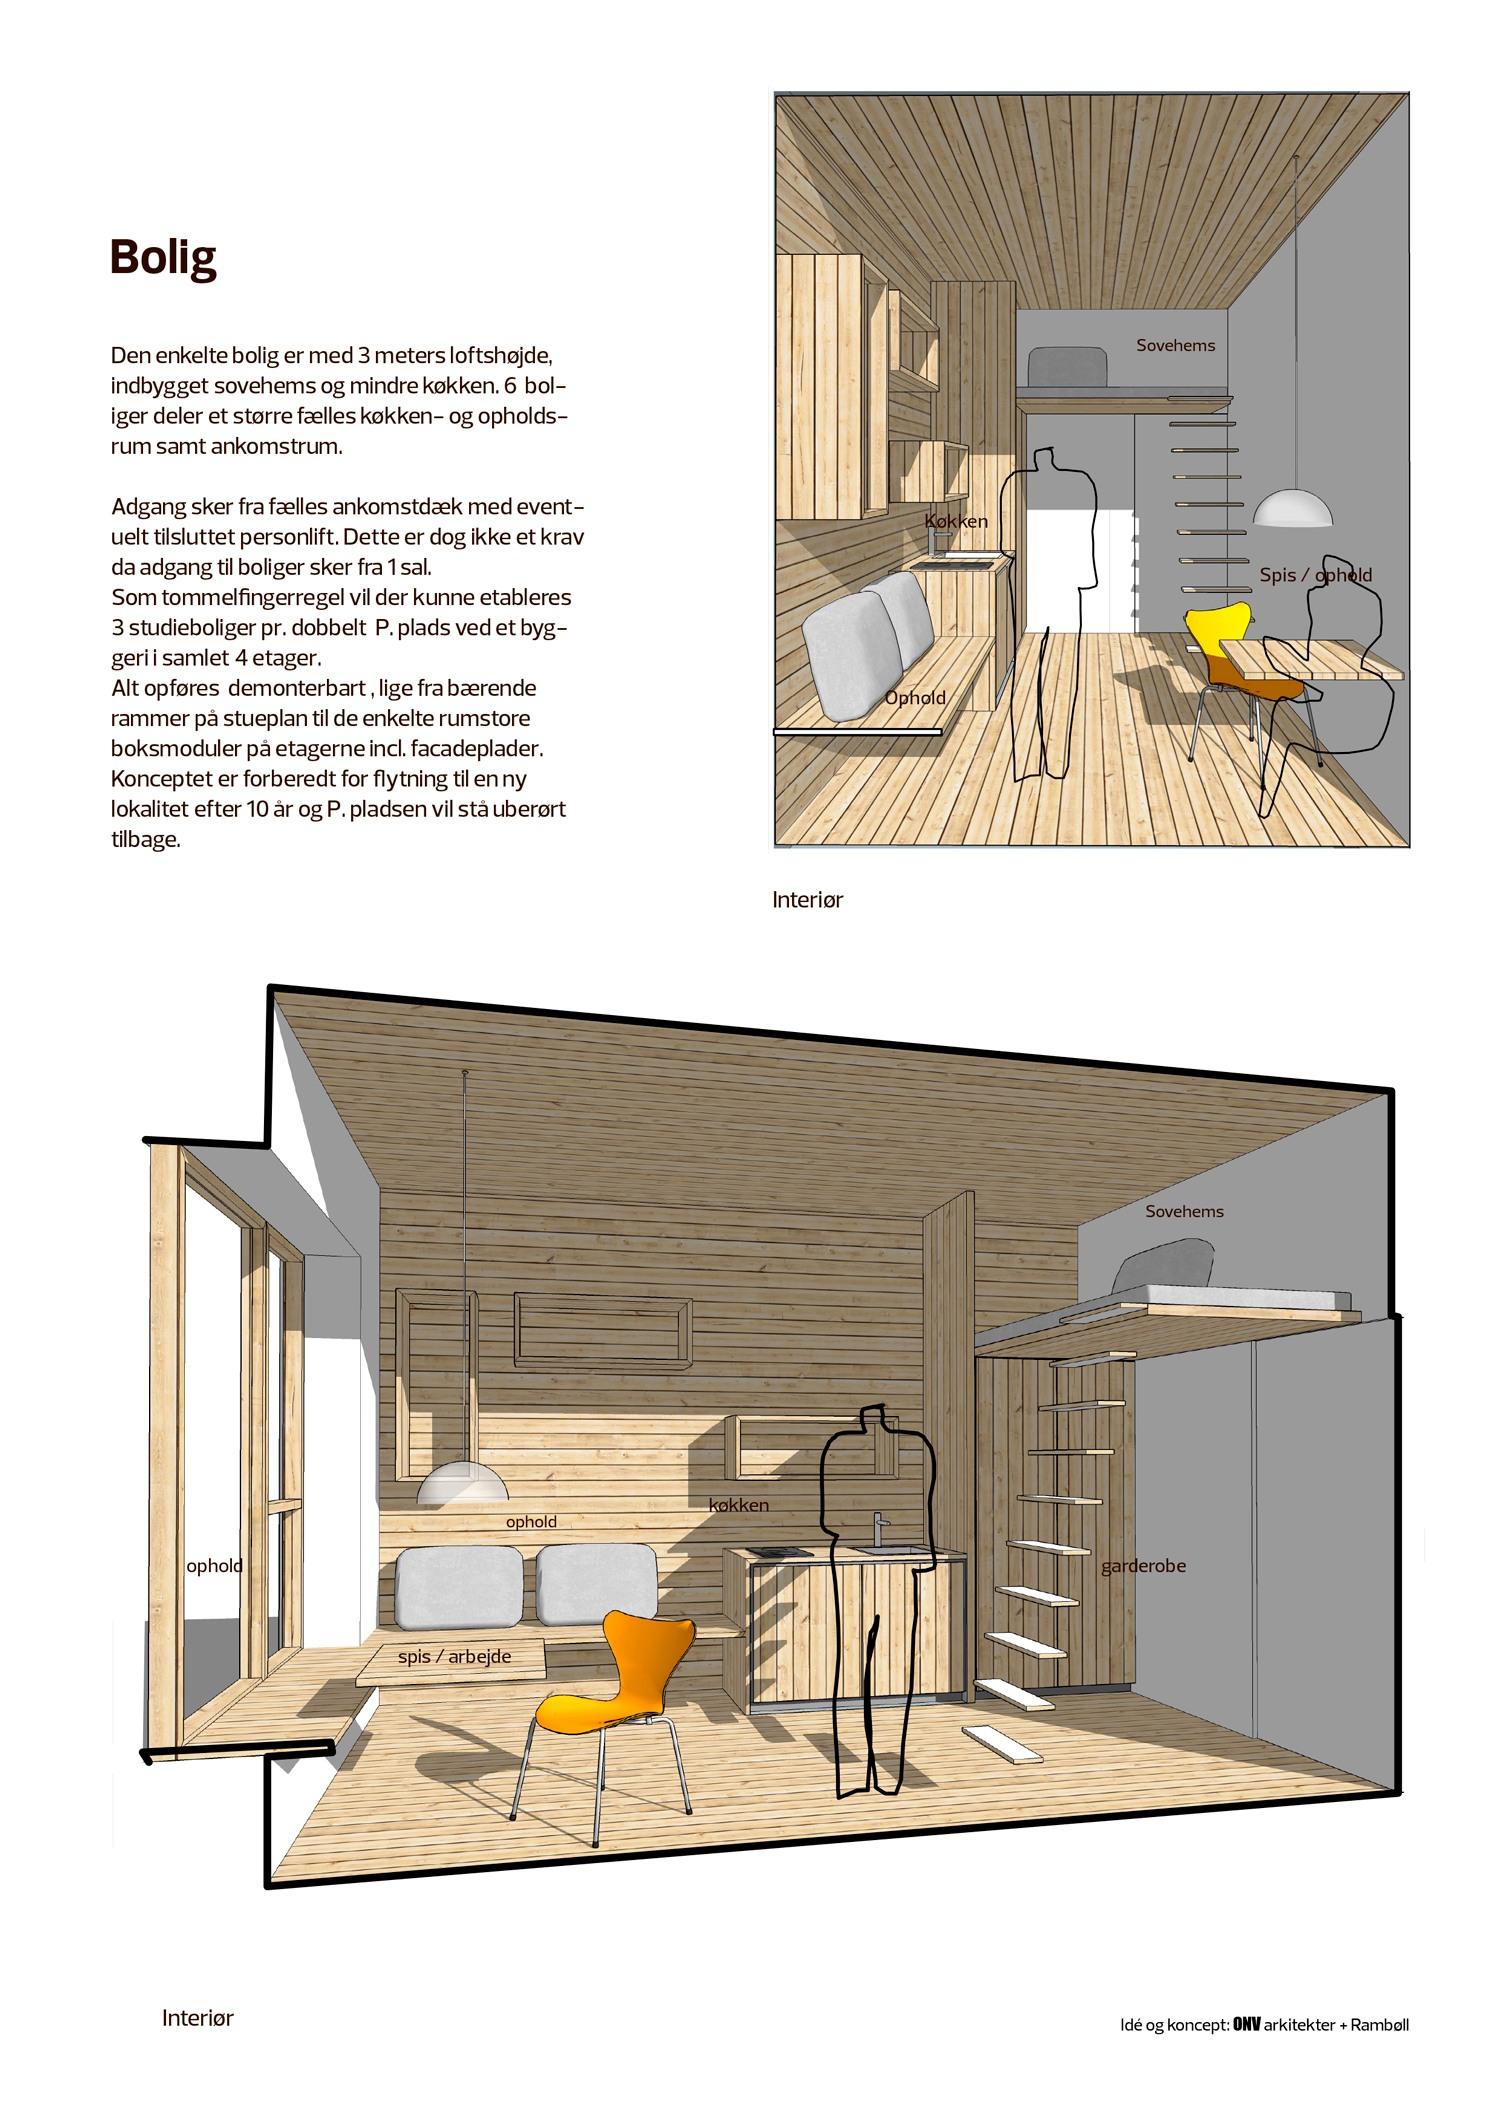 Park.-Village-ONV-arkitekter-ungdomsboliger-over-p-pladser-præfab-boliger-prefab-architecture-03